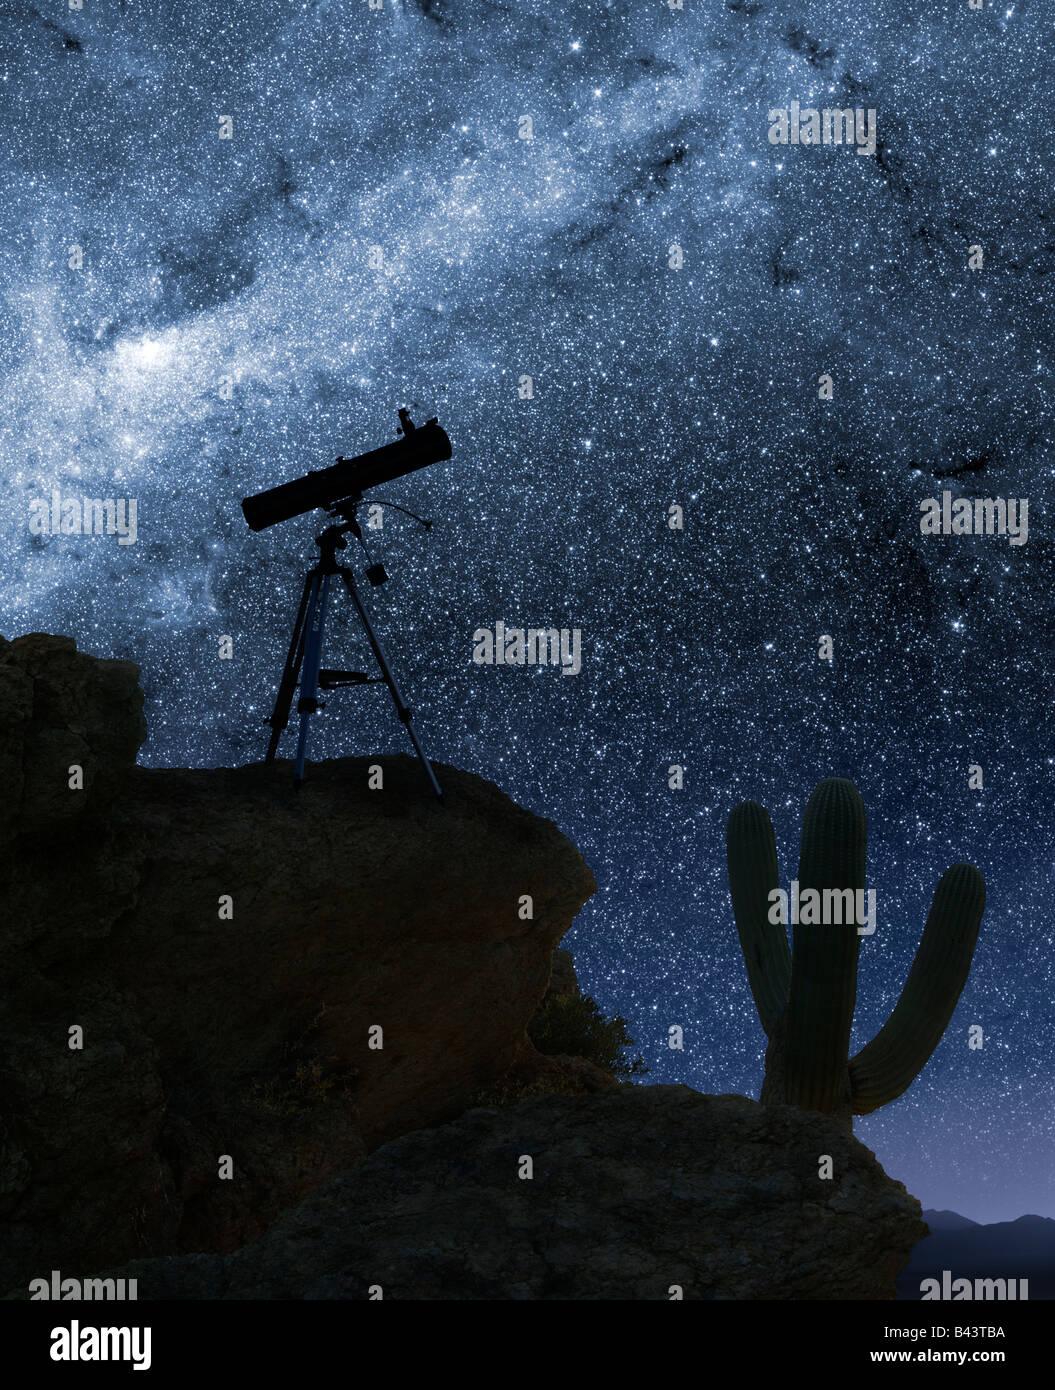 Un telescopio apuntó a las estrellas desde una ubicación montañosa del desierto Imagen De Stock